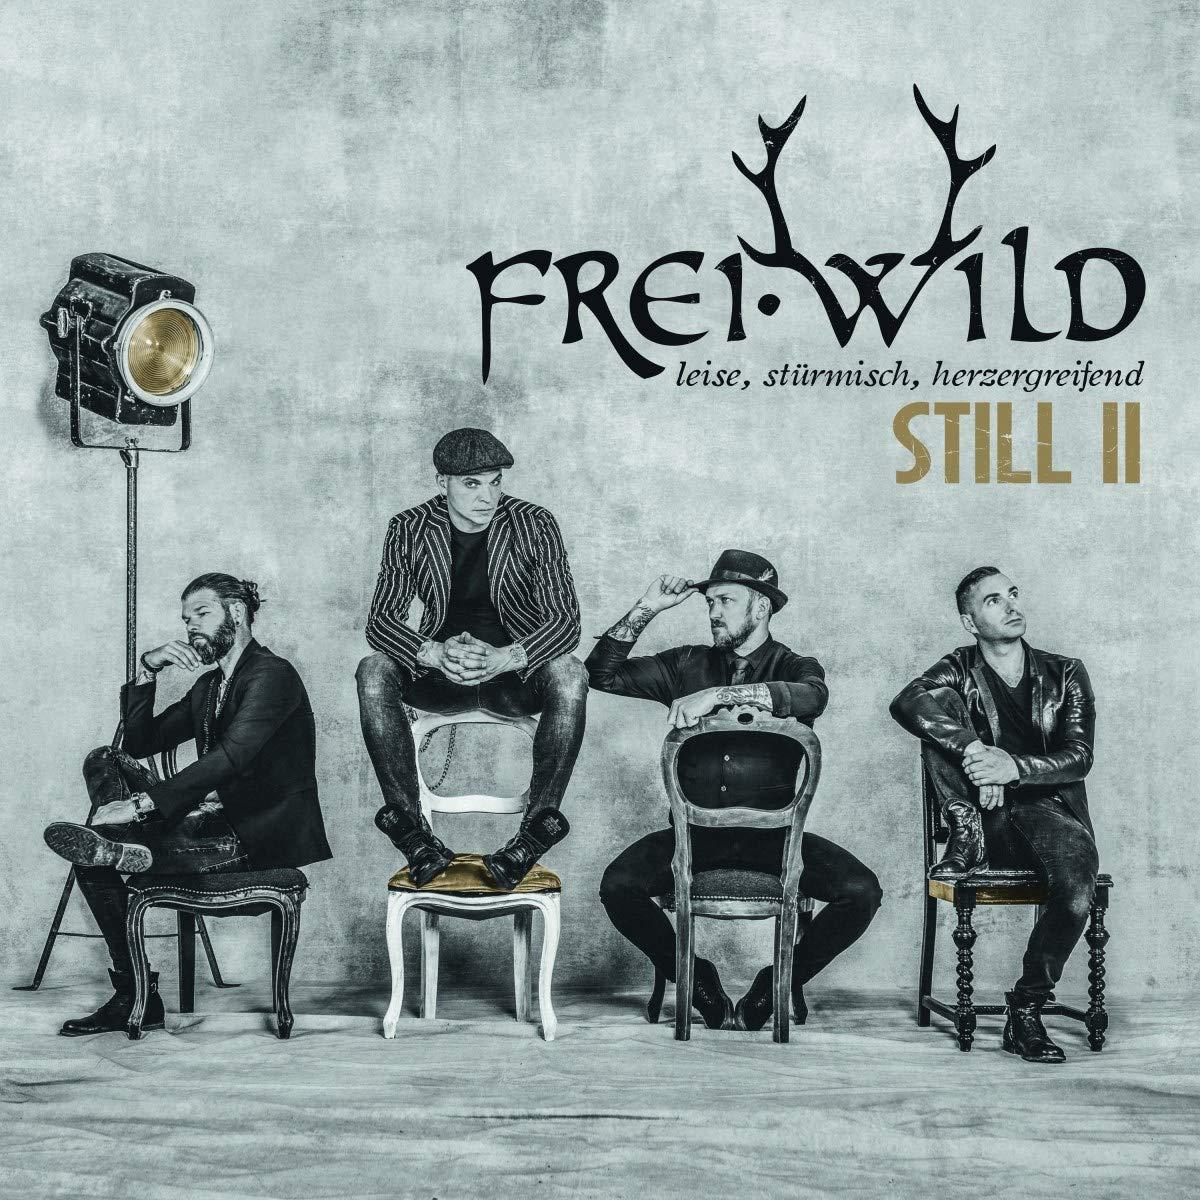 FREI.WILD Still II 2 (Leise Stürmisch Herzergreifend) CD